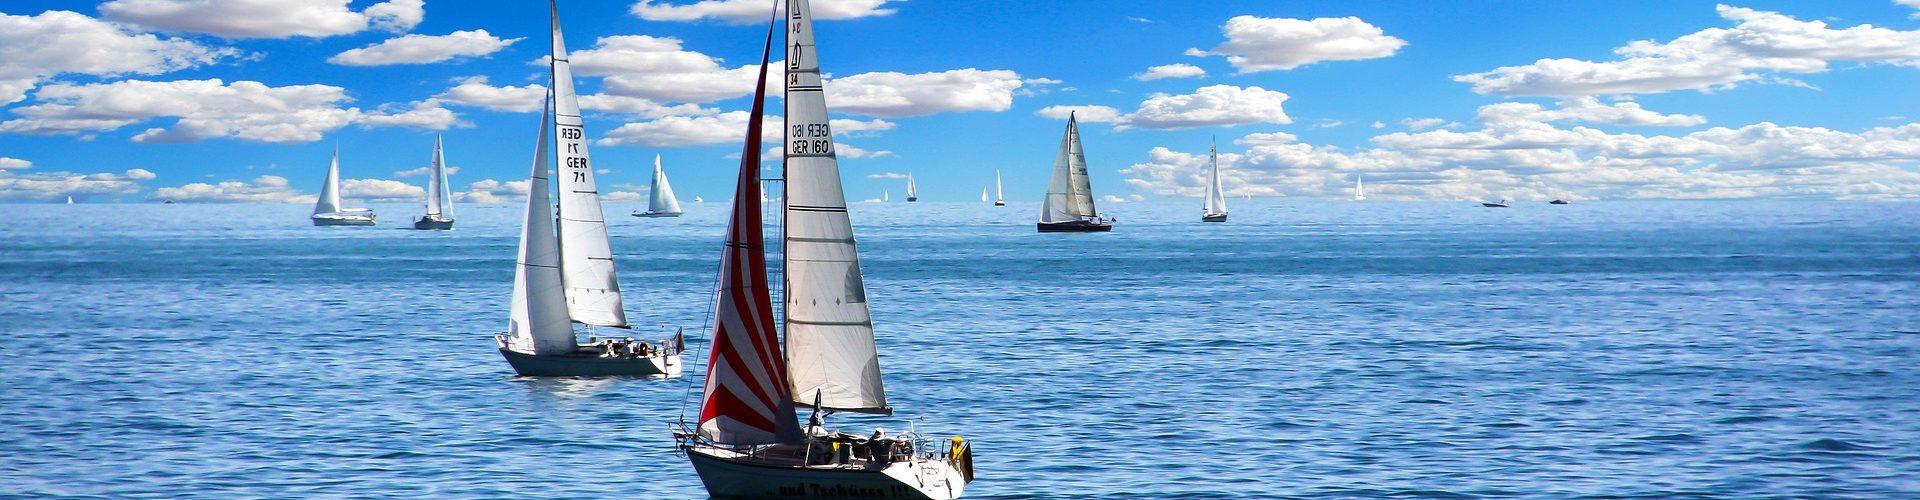 segeln lernen in Niebüll segelschein machen in Niebüll 1920x500 - Segeln lernen in Niebüll